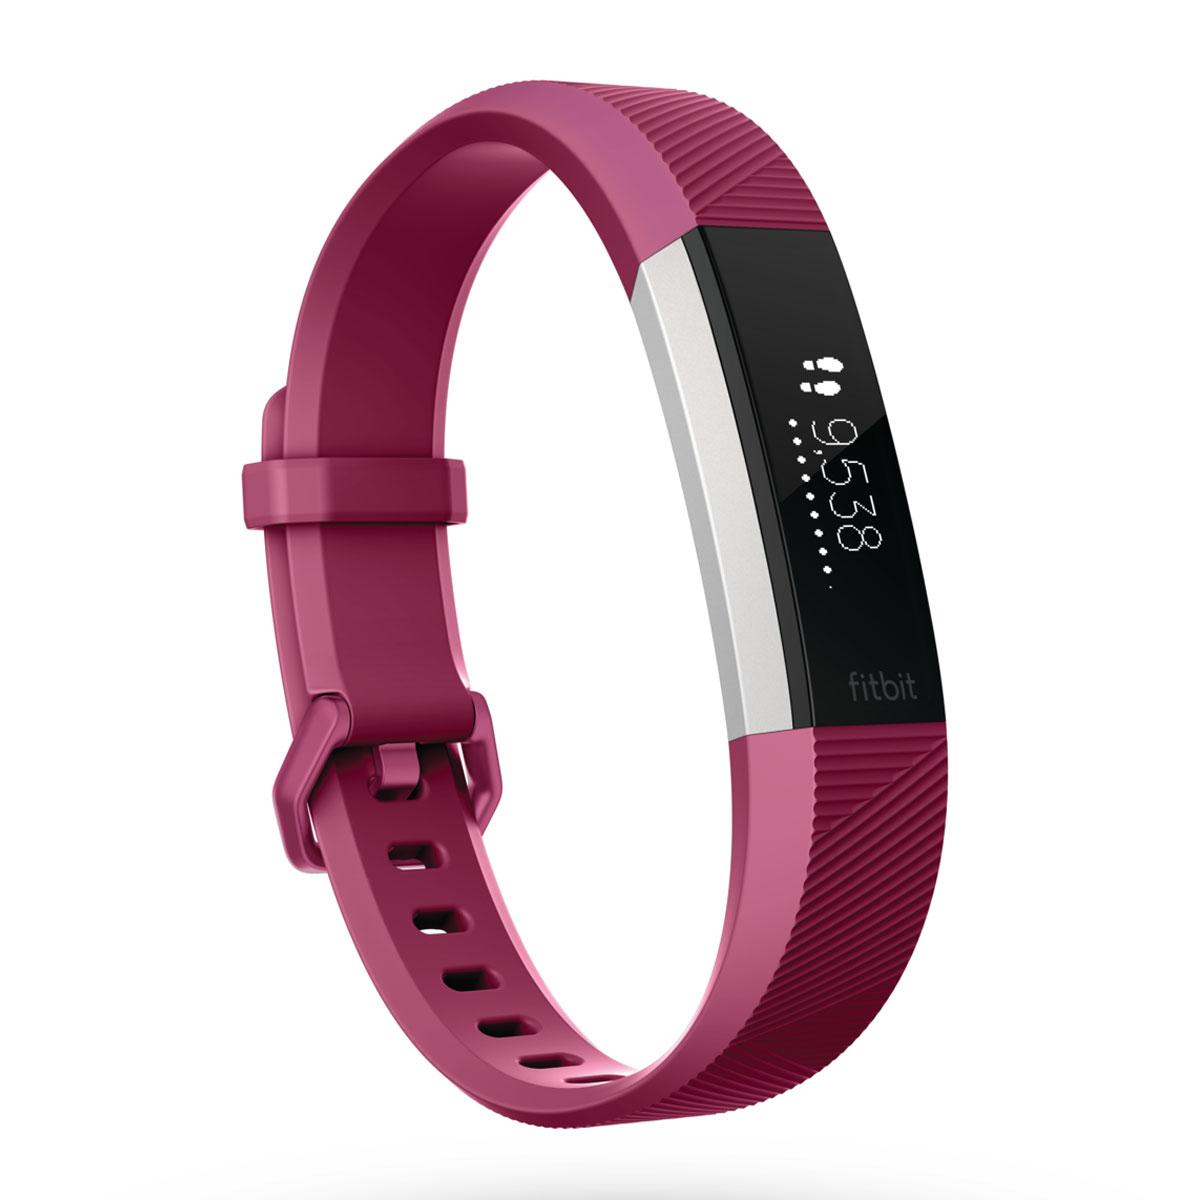 Bracelet connecté Fitbit Alta HR Fuchsia S Coach électronique sans fil amovible résistant à l'eau pour smartphone iOS / Android / Windows